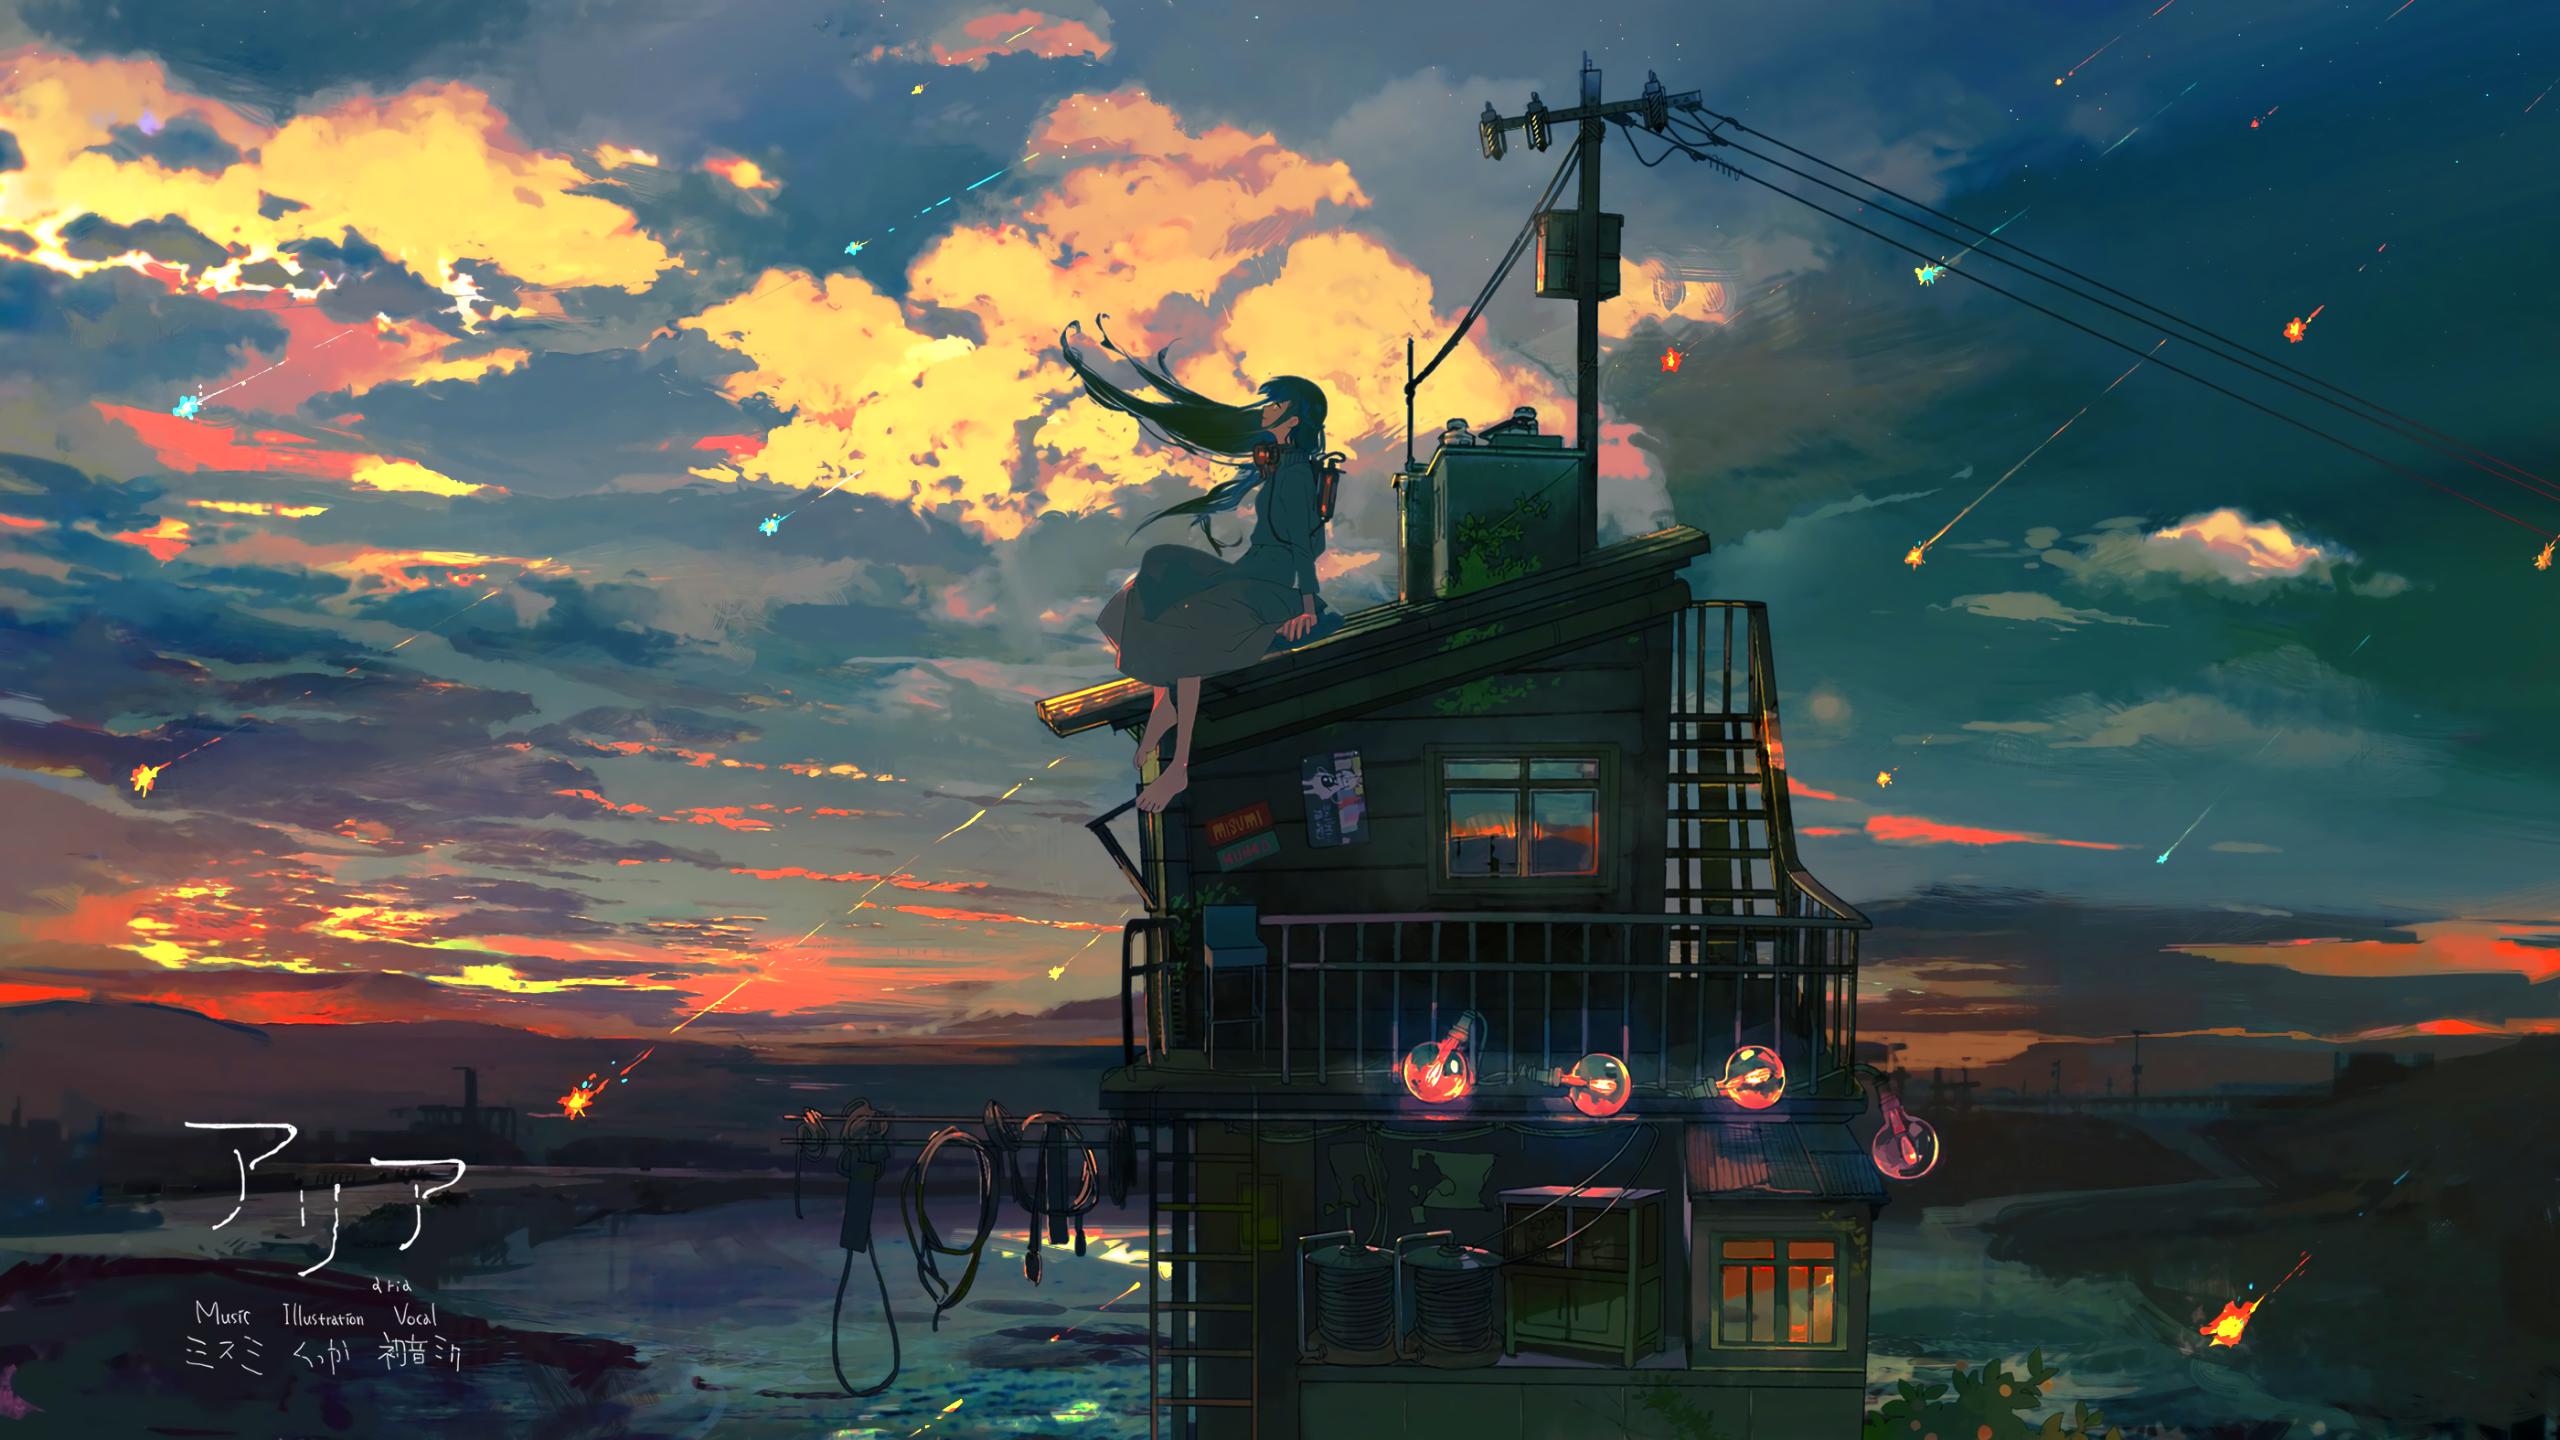 Anime Original Youtube Channel Cover Cover Abyss Phong Cảnh Phong Cảnh Trừu Tượng Anime